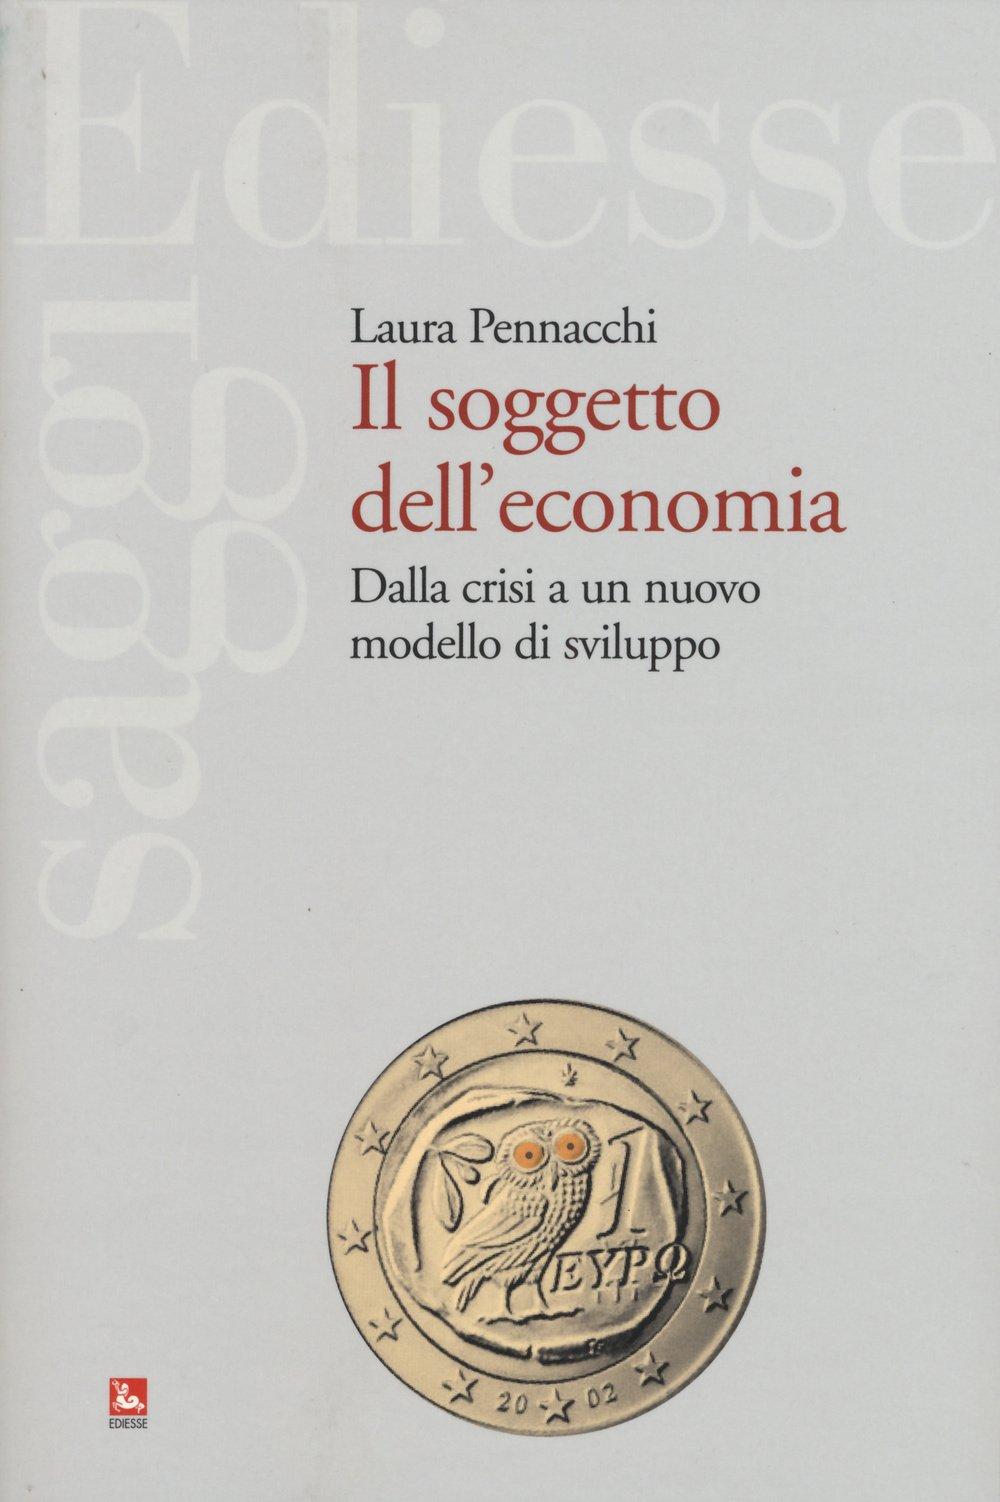 Il soggetto dell'economia. Dalla crisi a un nuovo modello di sviluppo Copertina flessibile – 1 gen 1945 Laura Pennacchi Ediesse 8823019753 Saggistica